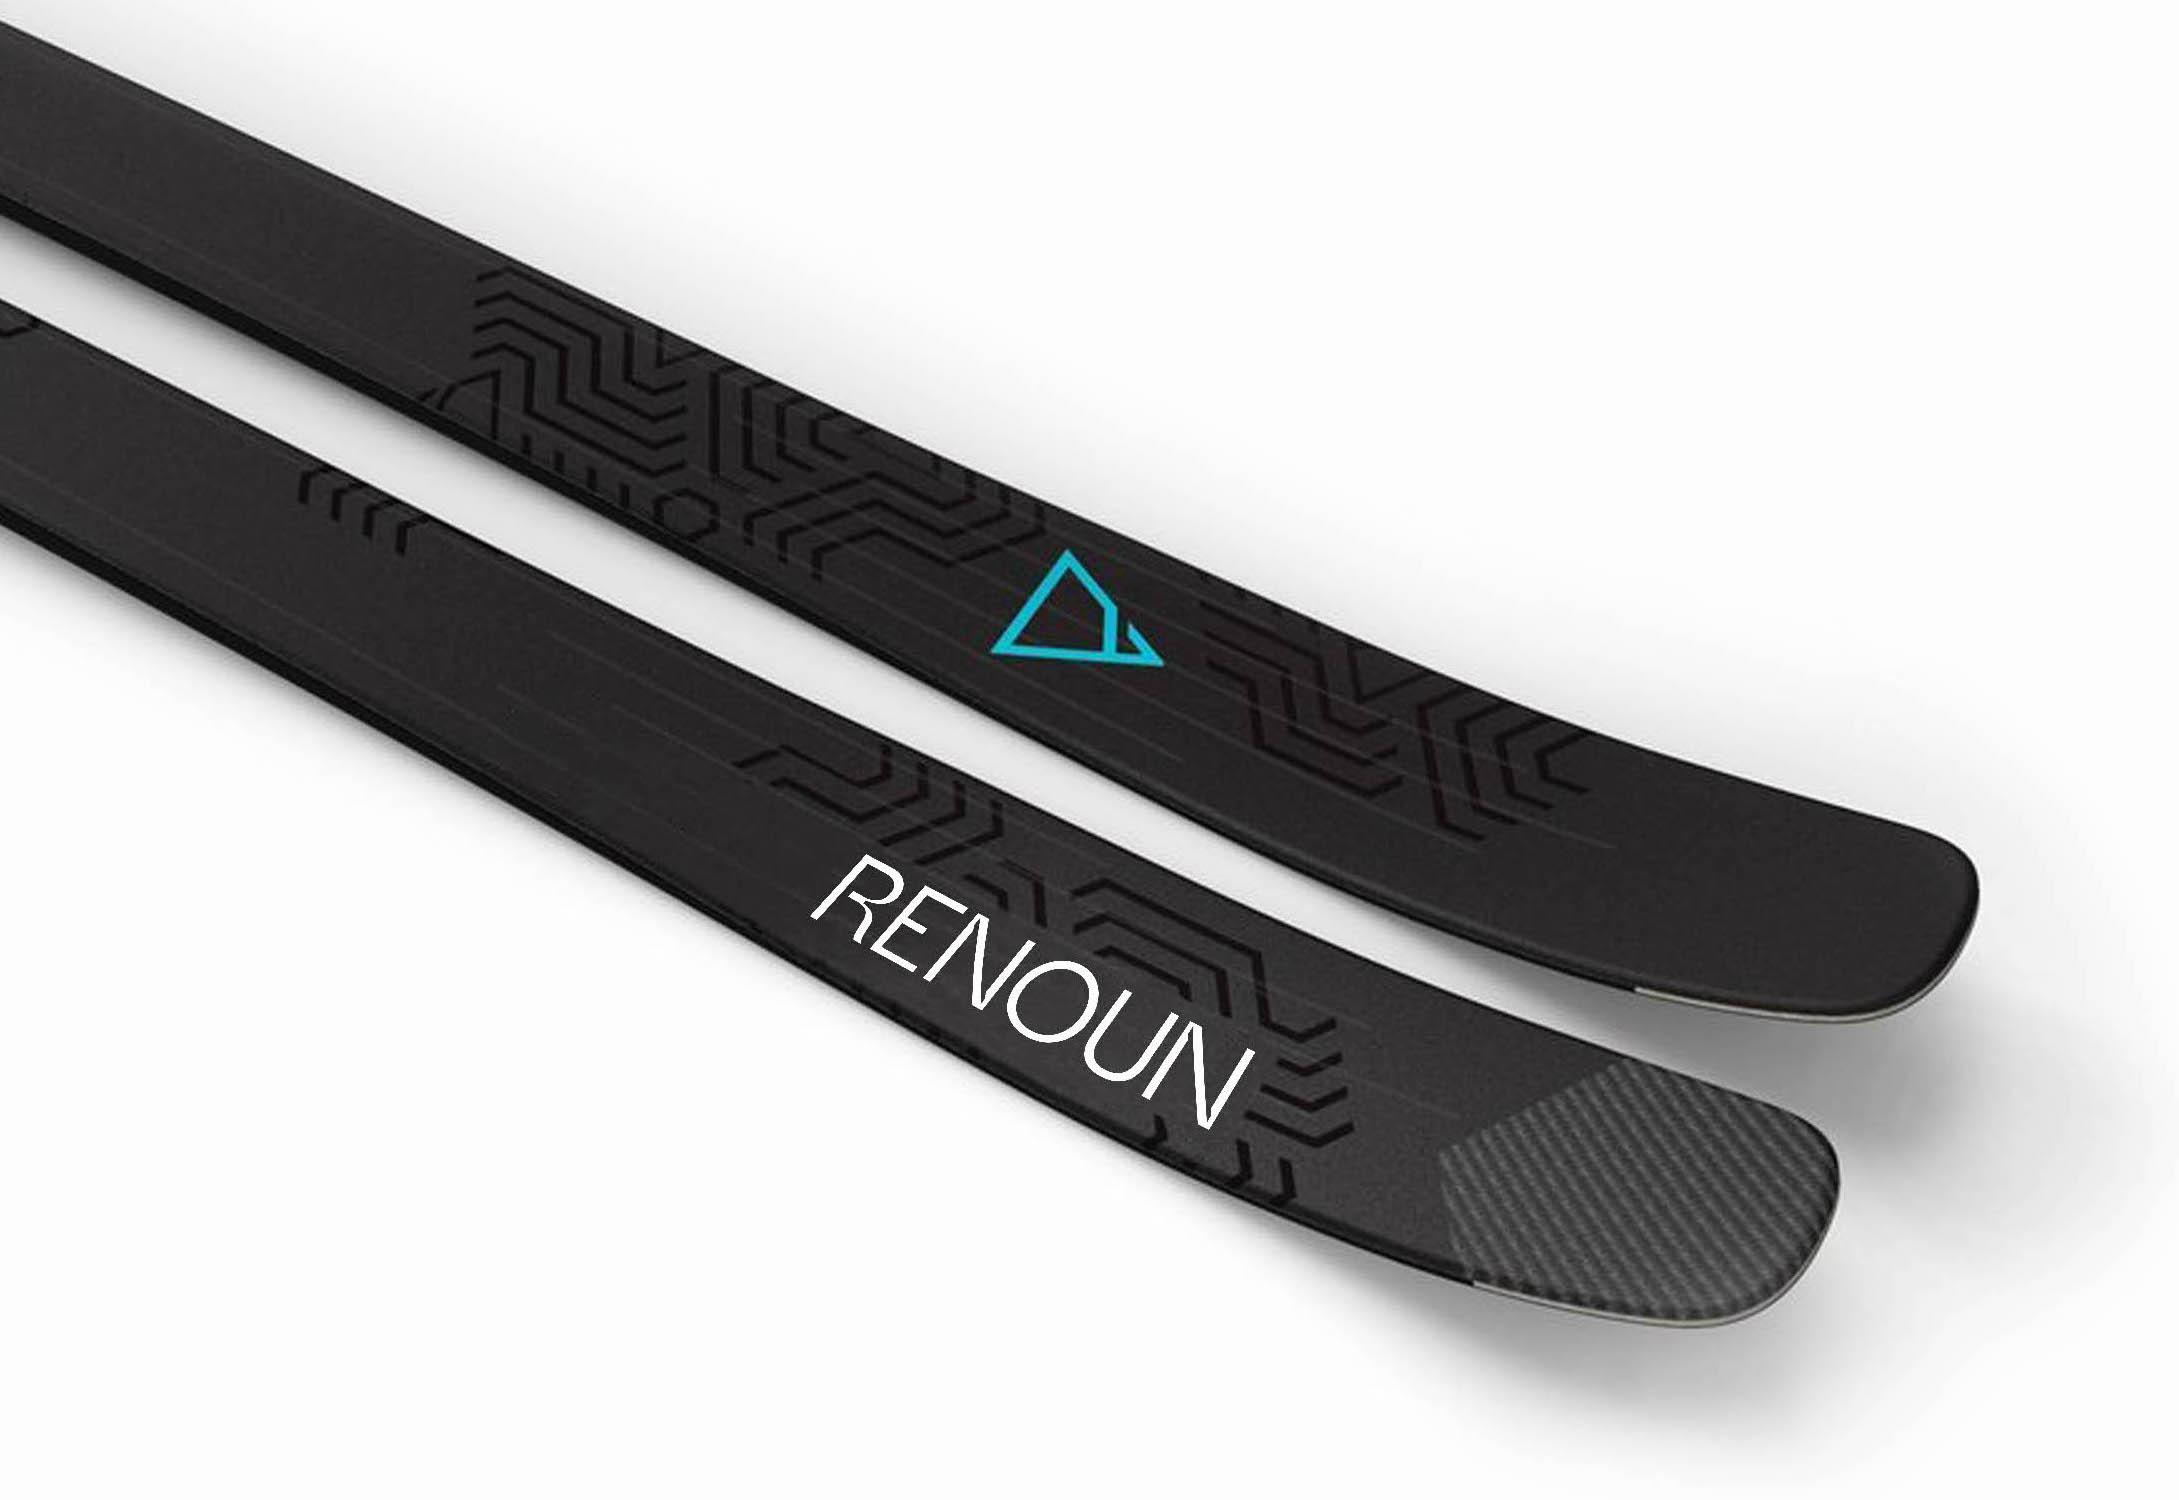 Photo of Renoun Skis